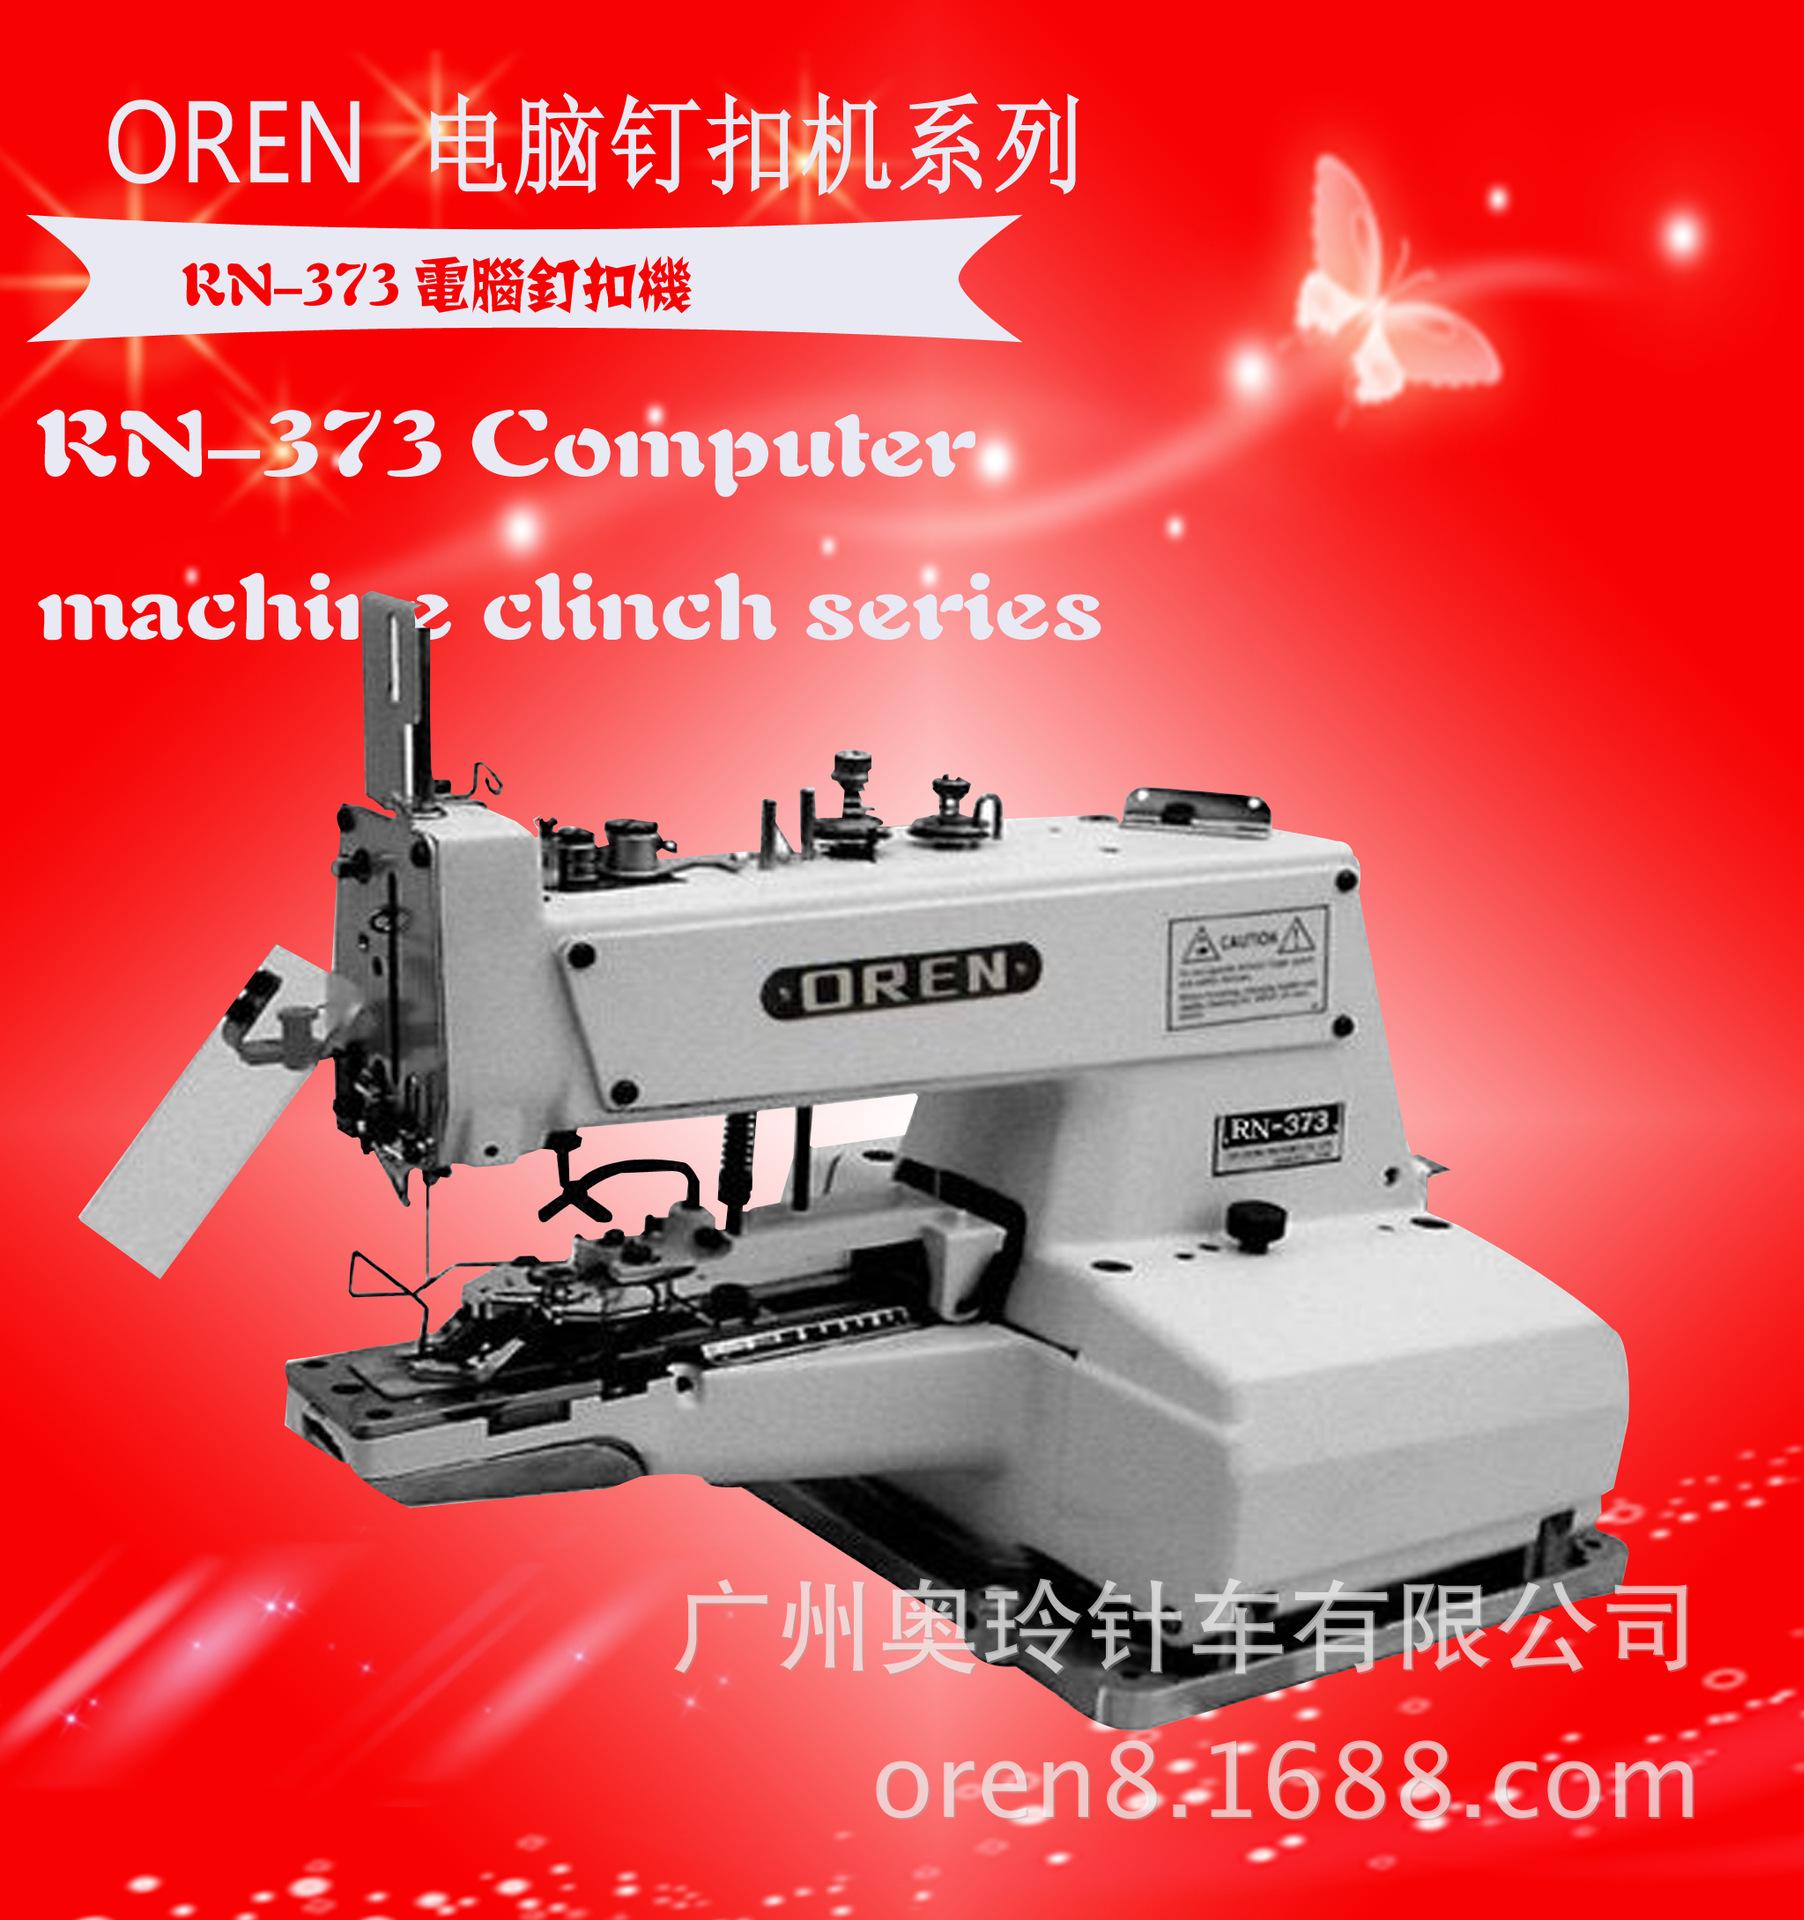 原装进口奥玲专用衬衣钉扣机RN-373半自动缝纫机